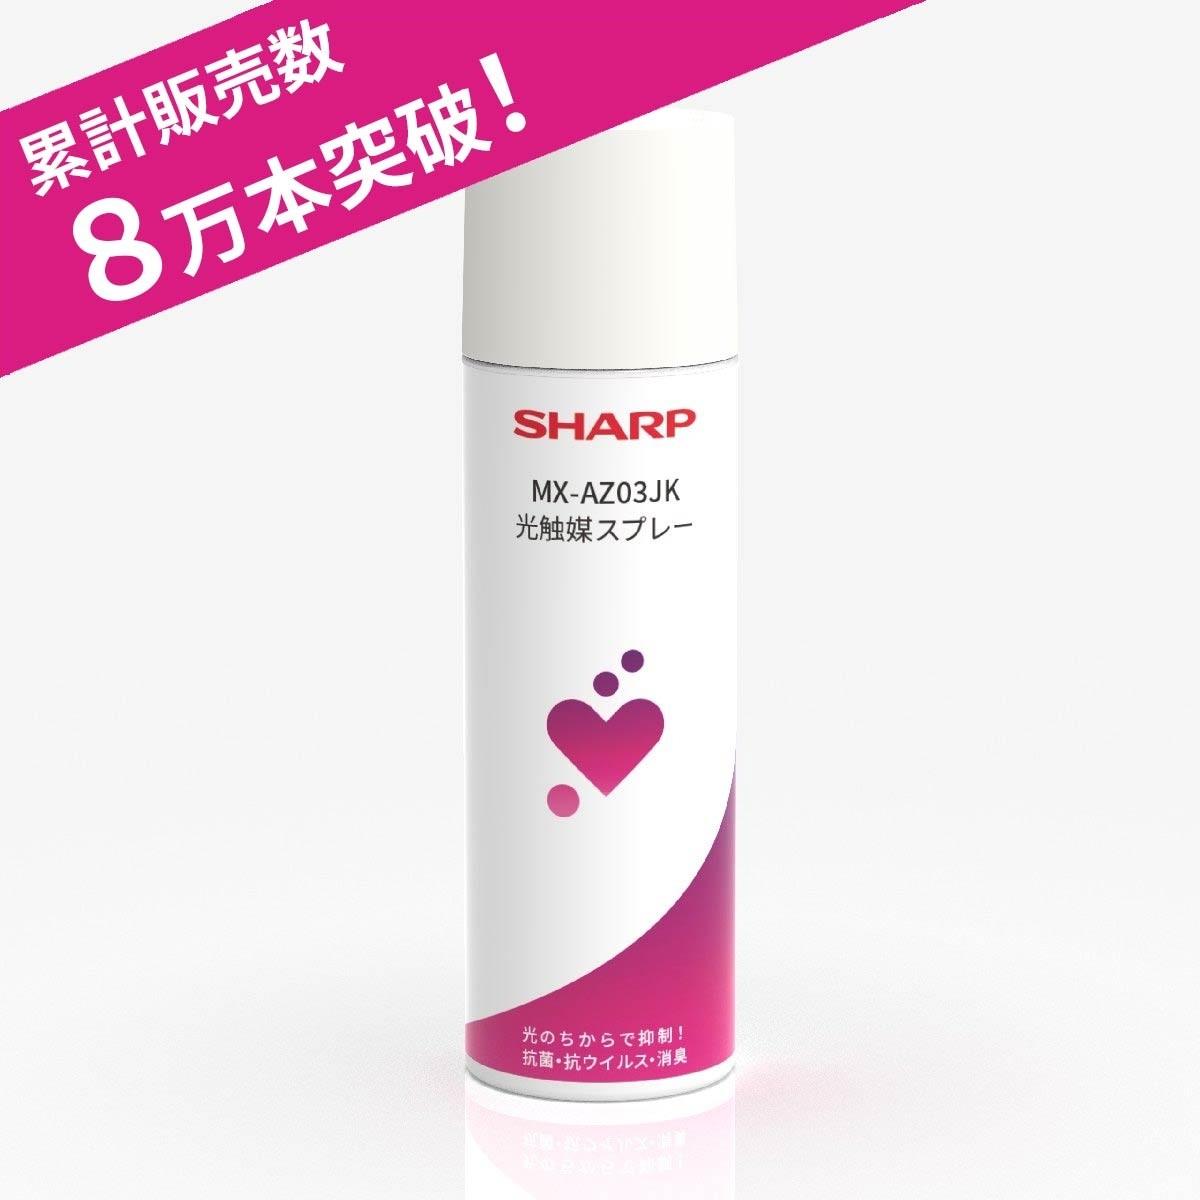 消臭・抗菌・抗ウイルス・防汚・防カビ  光触媒スプレー